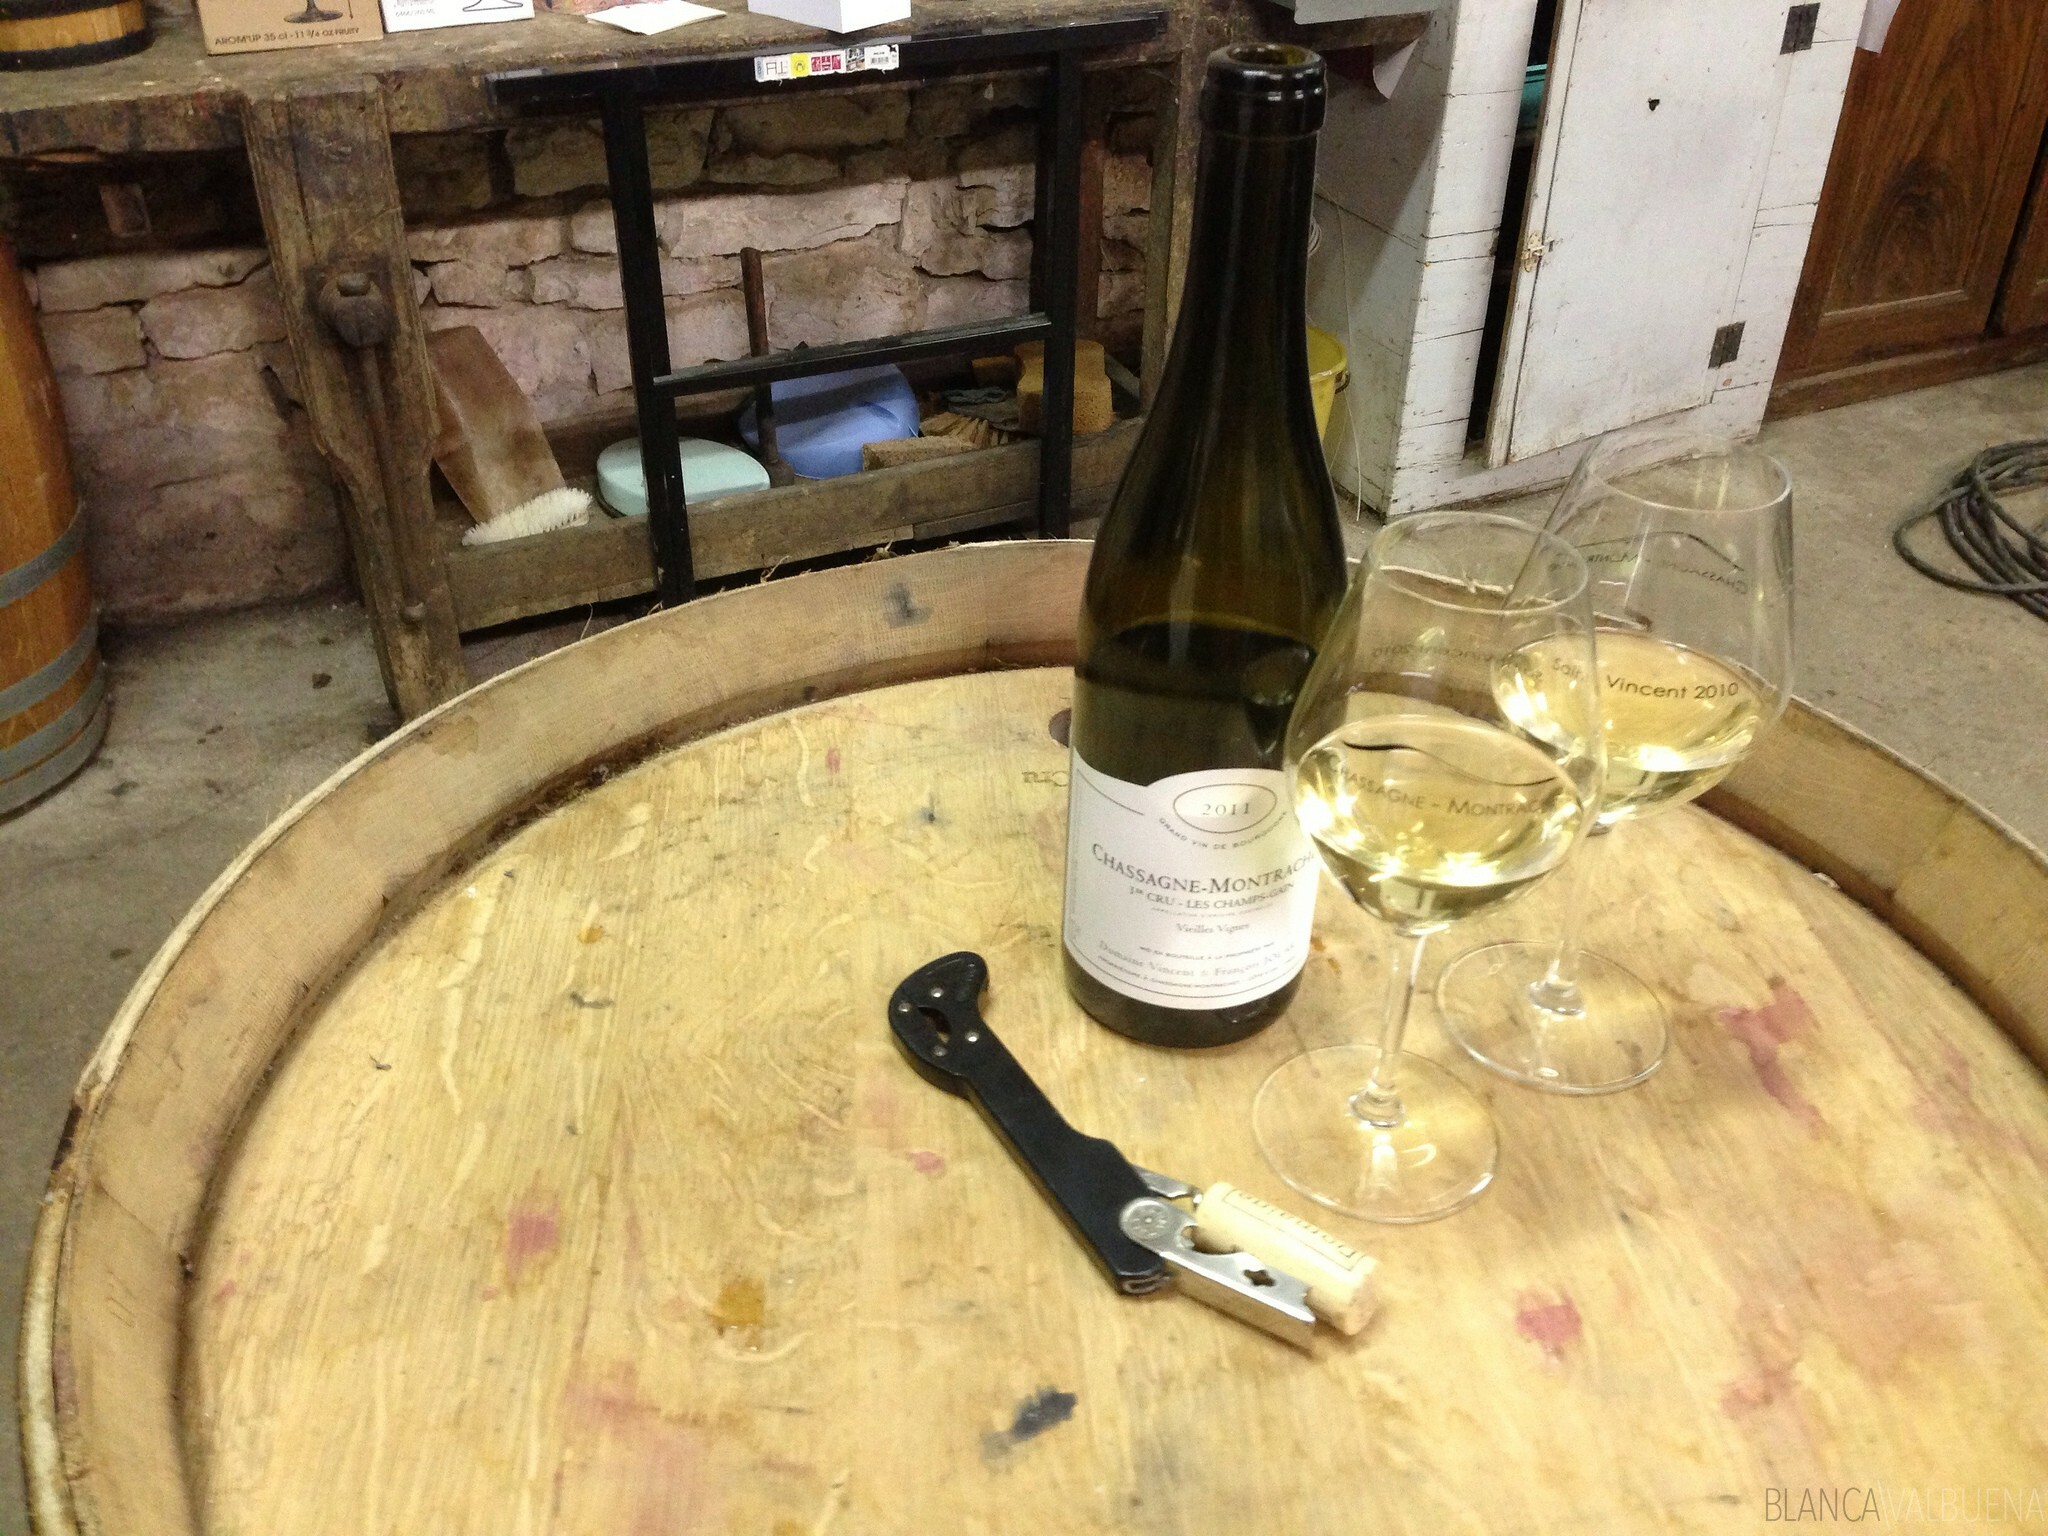 Vincent & Francois Jouard Chardonnay